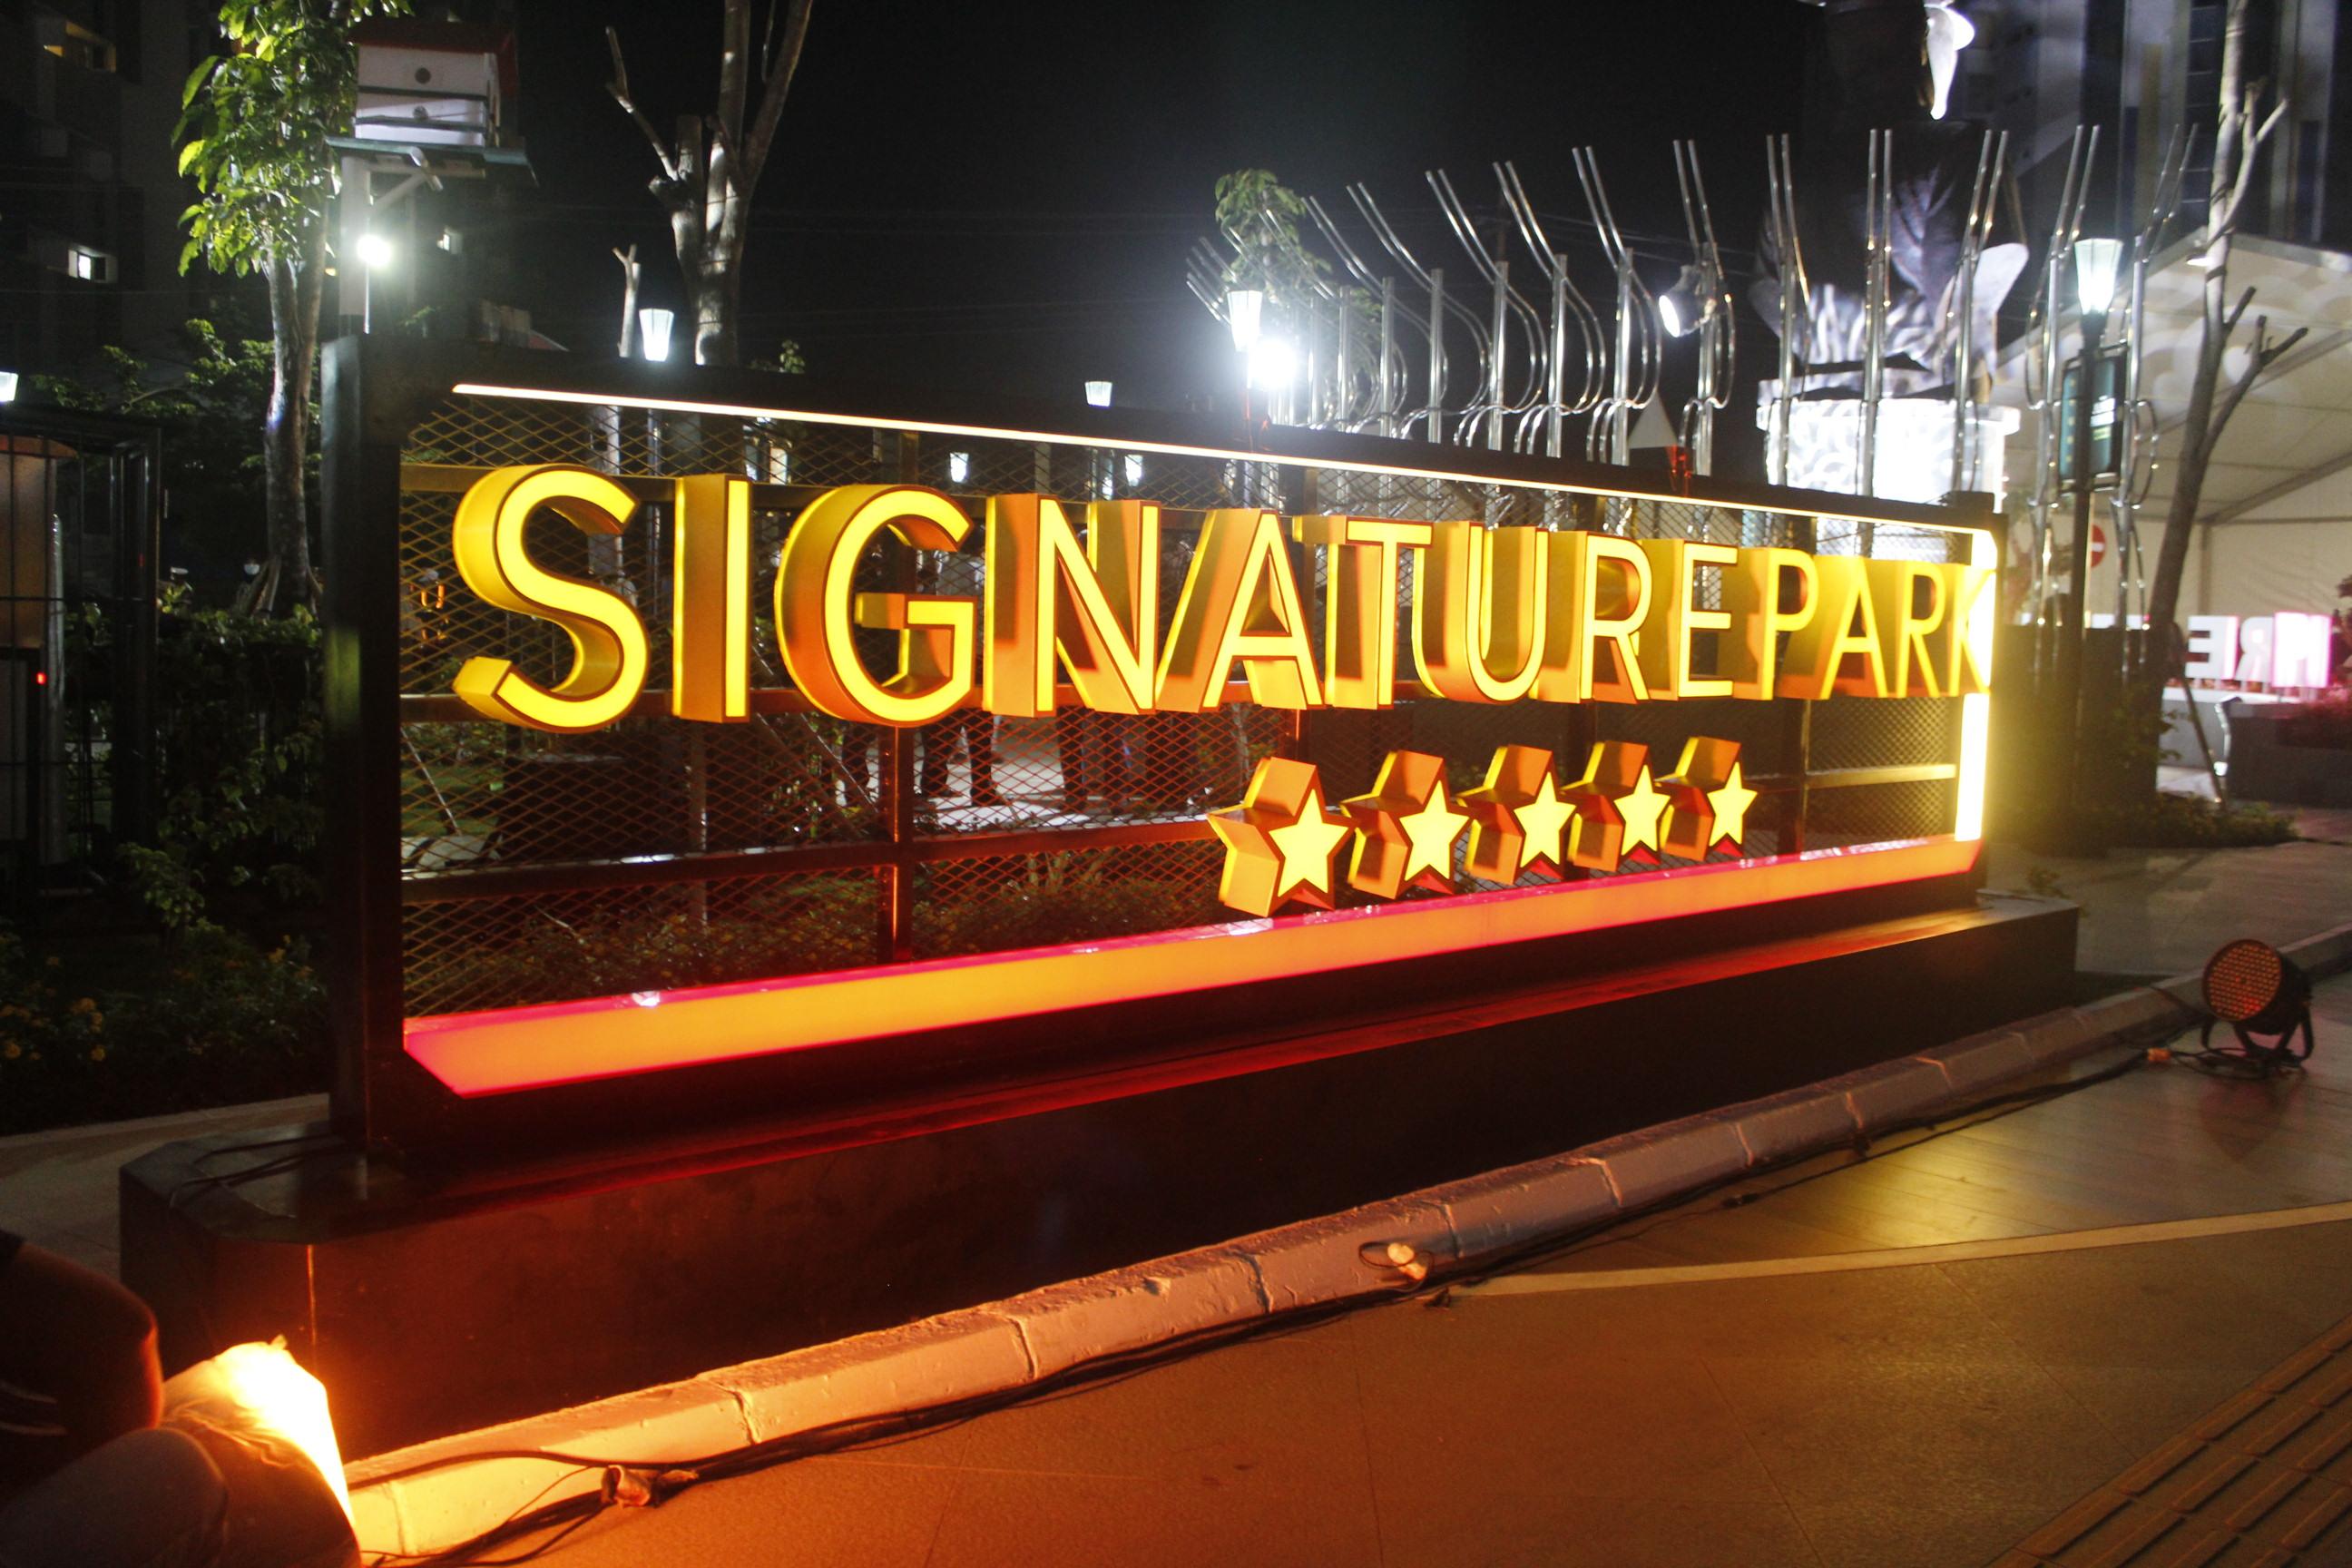 Signature Park Diresmikan, Peresmian ini Wujud Sinergi DJKN dan Pemkot Semarang dalam Optimalisasi Aset Negara